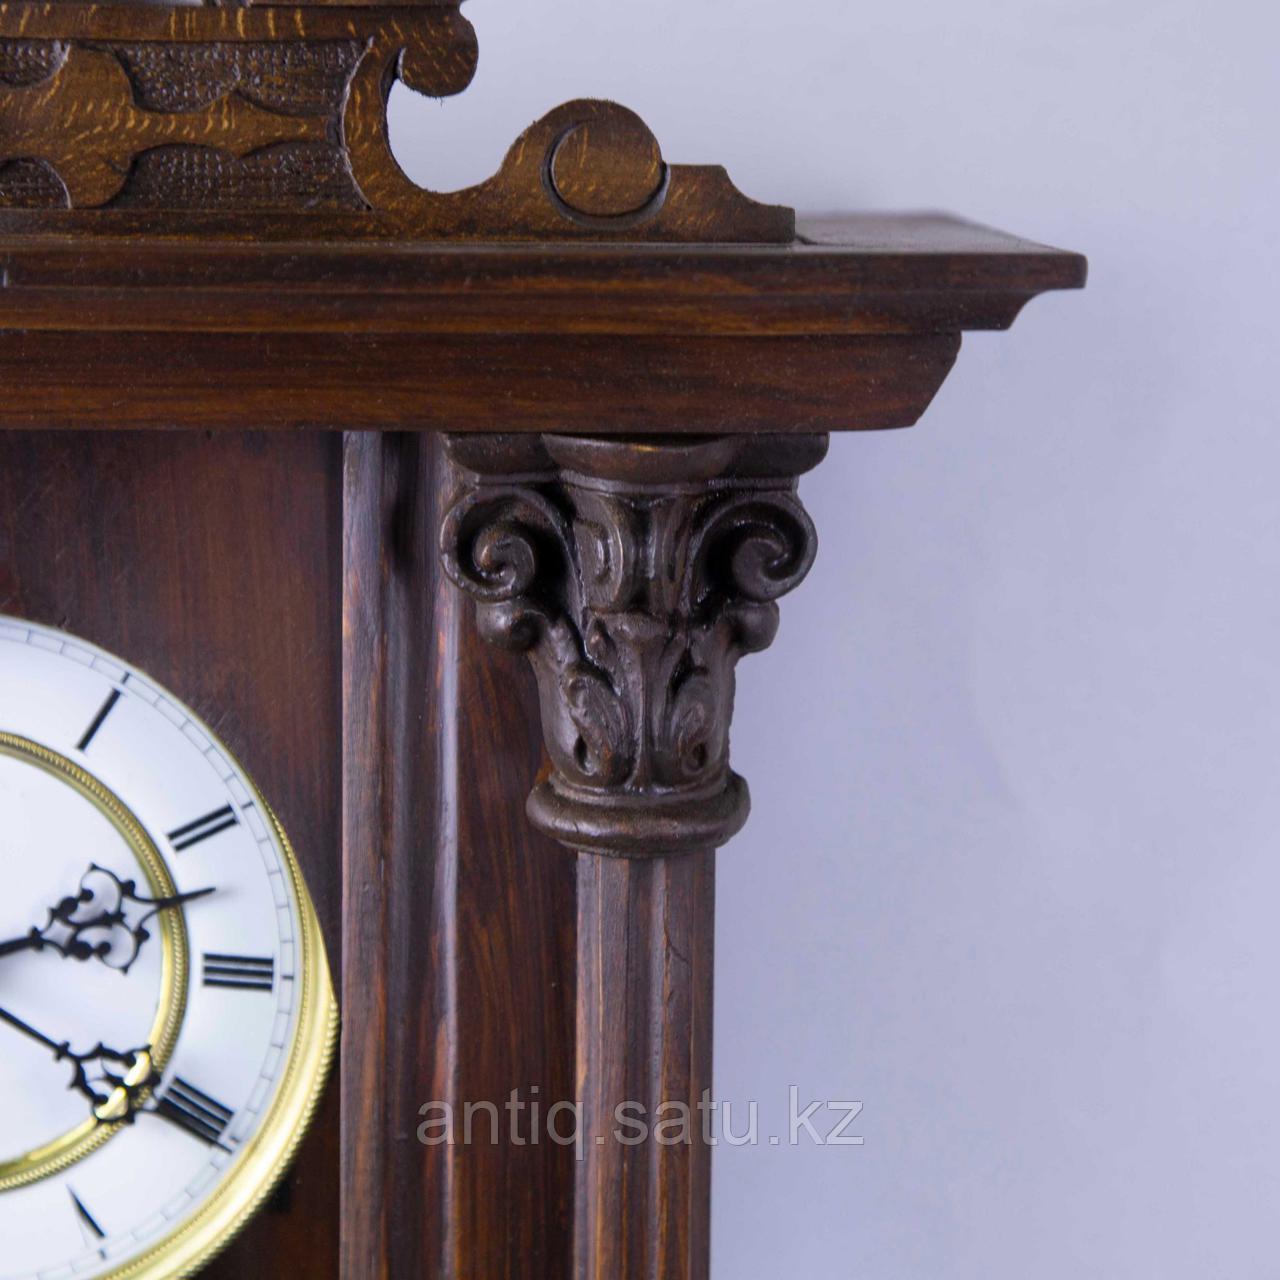 Настенные часы в корпусе классической формы, выполненные из массива дерева. - фото 4